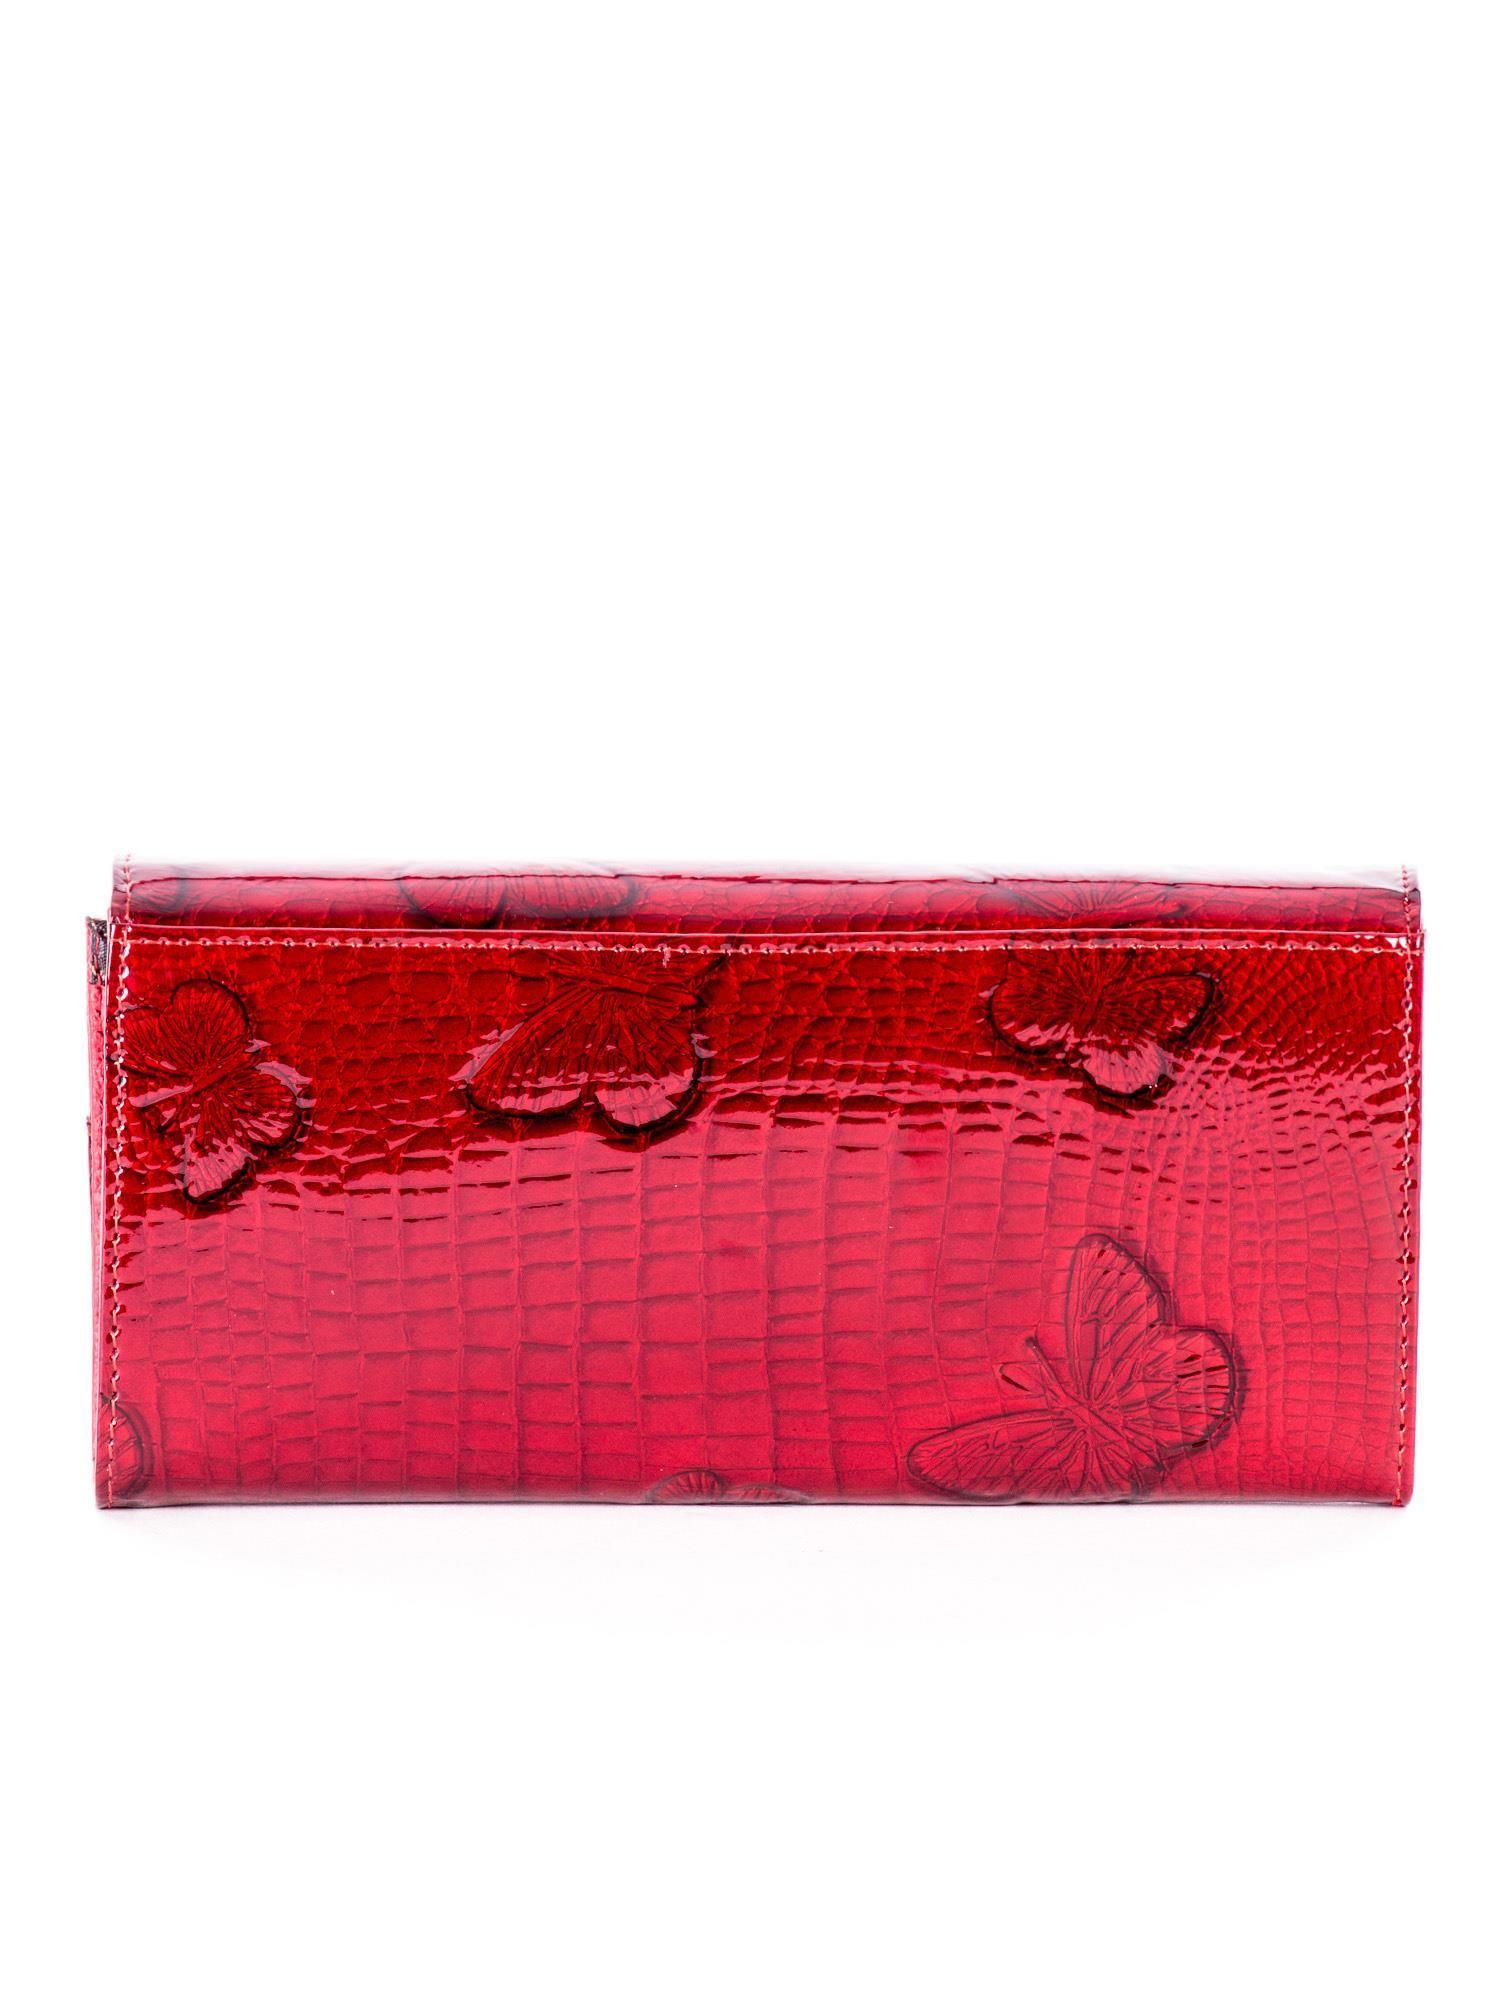 19823503fd960 Czerwony lakierowany portfel ze skóry w motyle - Akcesoria portfele - sklep  eButik.pl